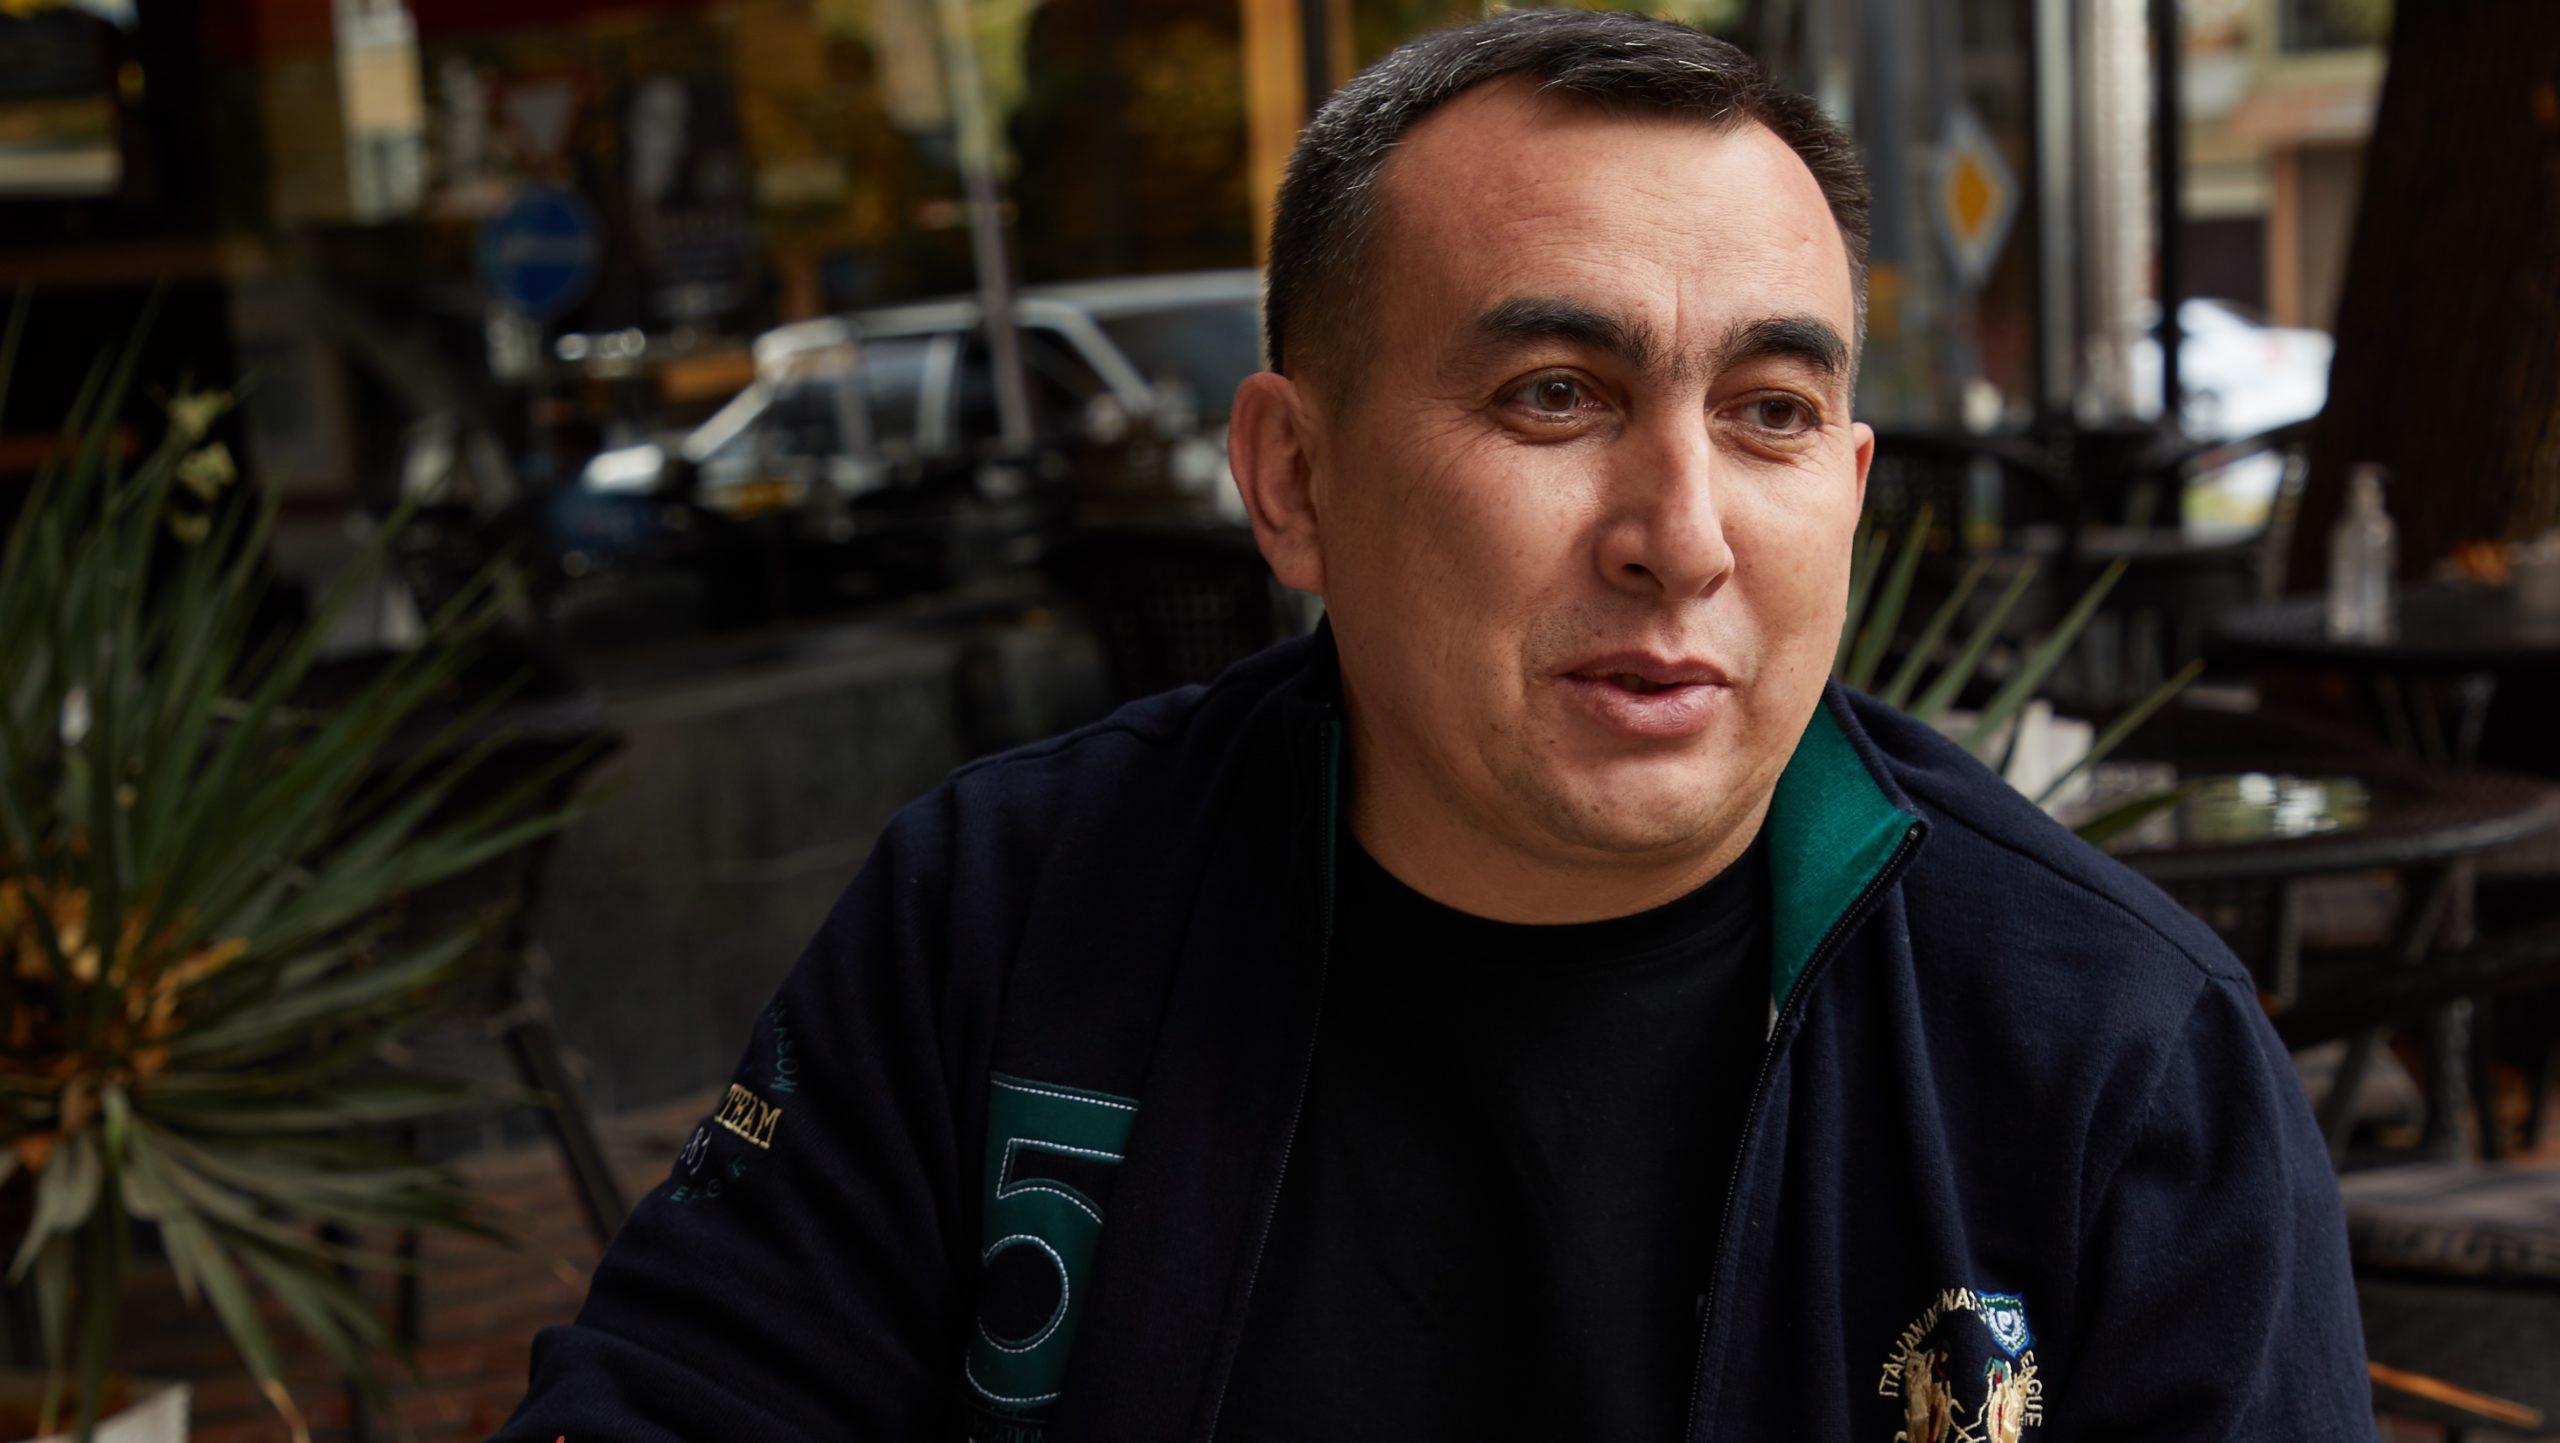 Фарход Махмудов о том, как был в поисках своей бизнес-сферы до открытия OSON